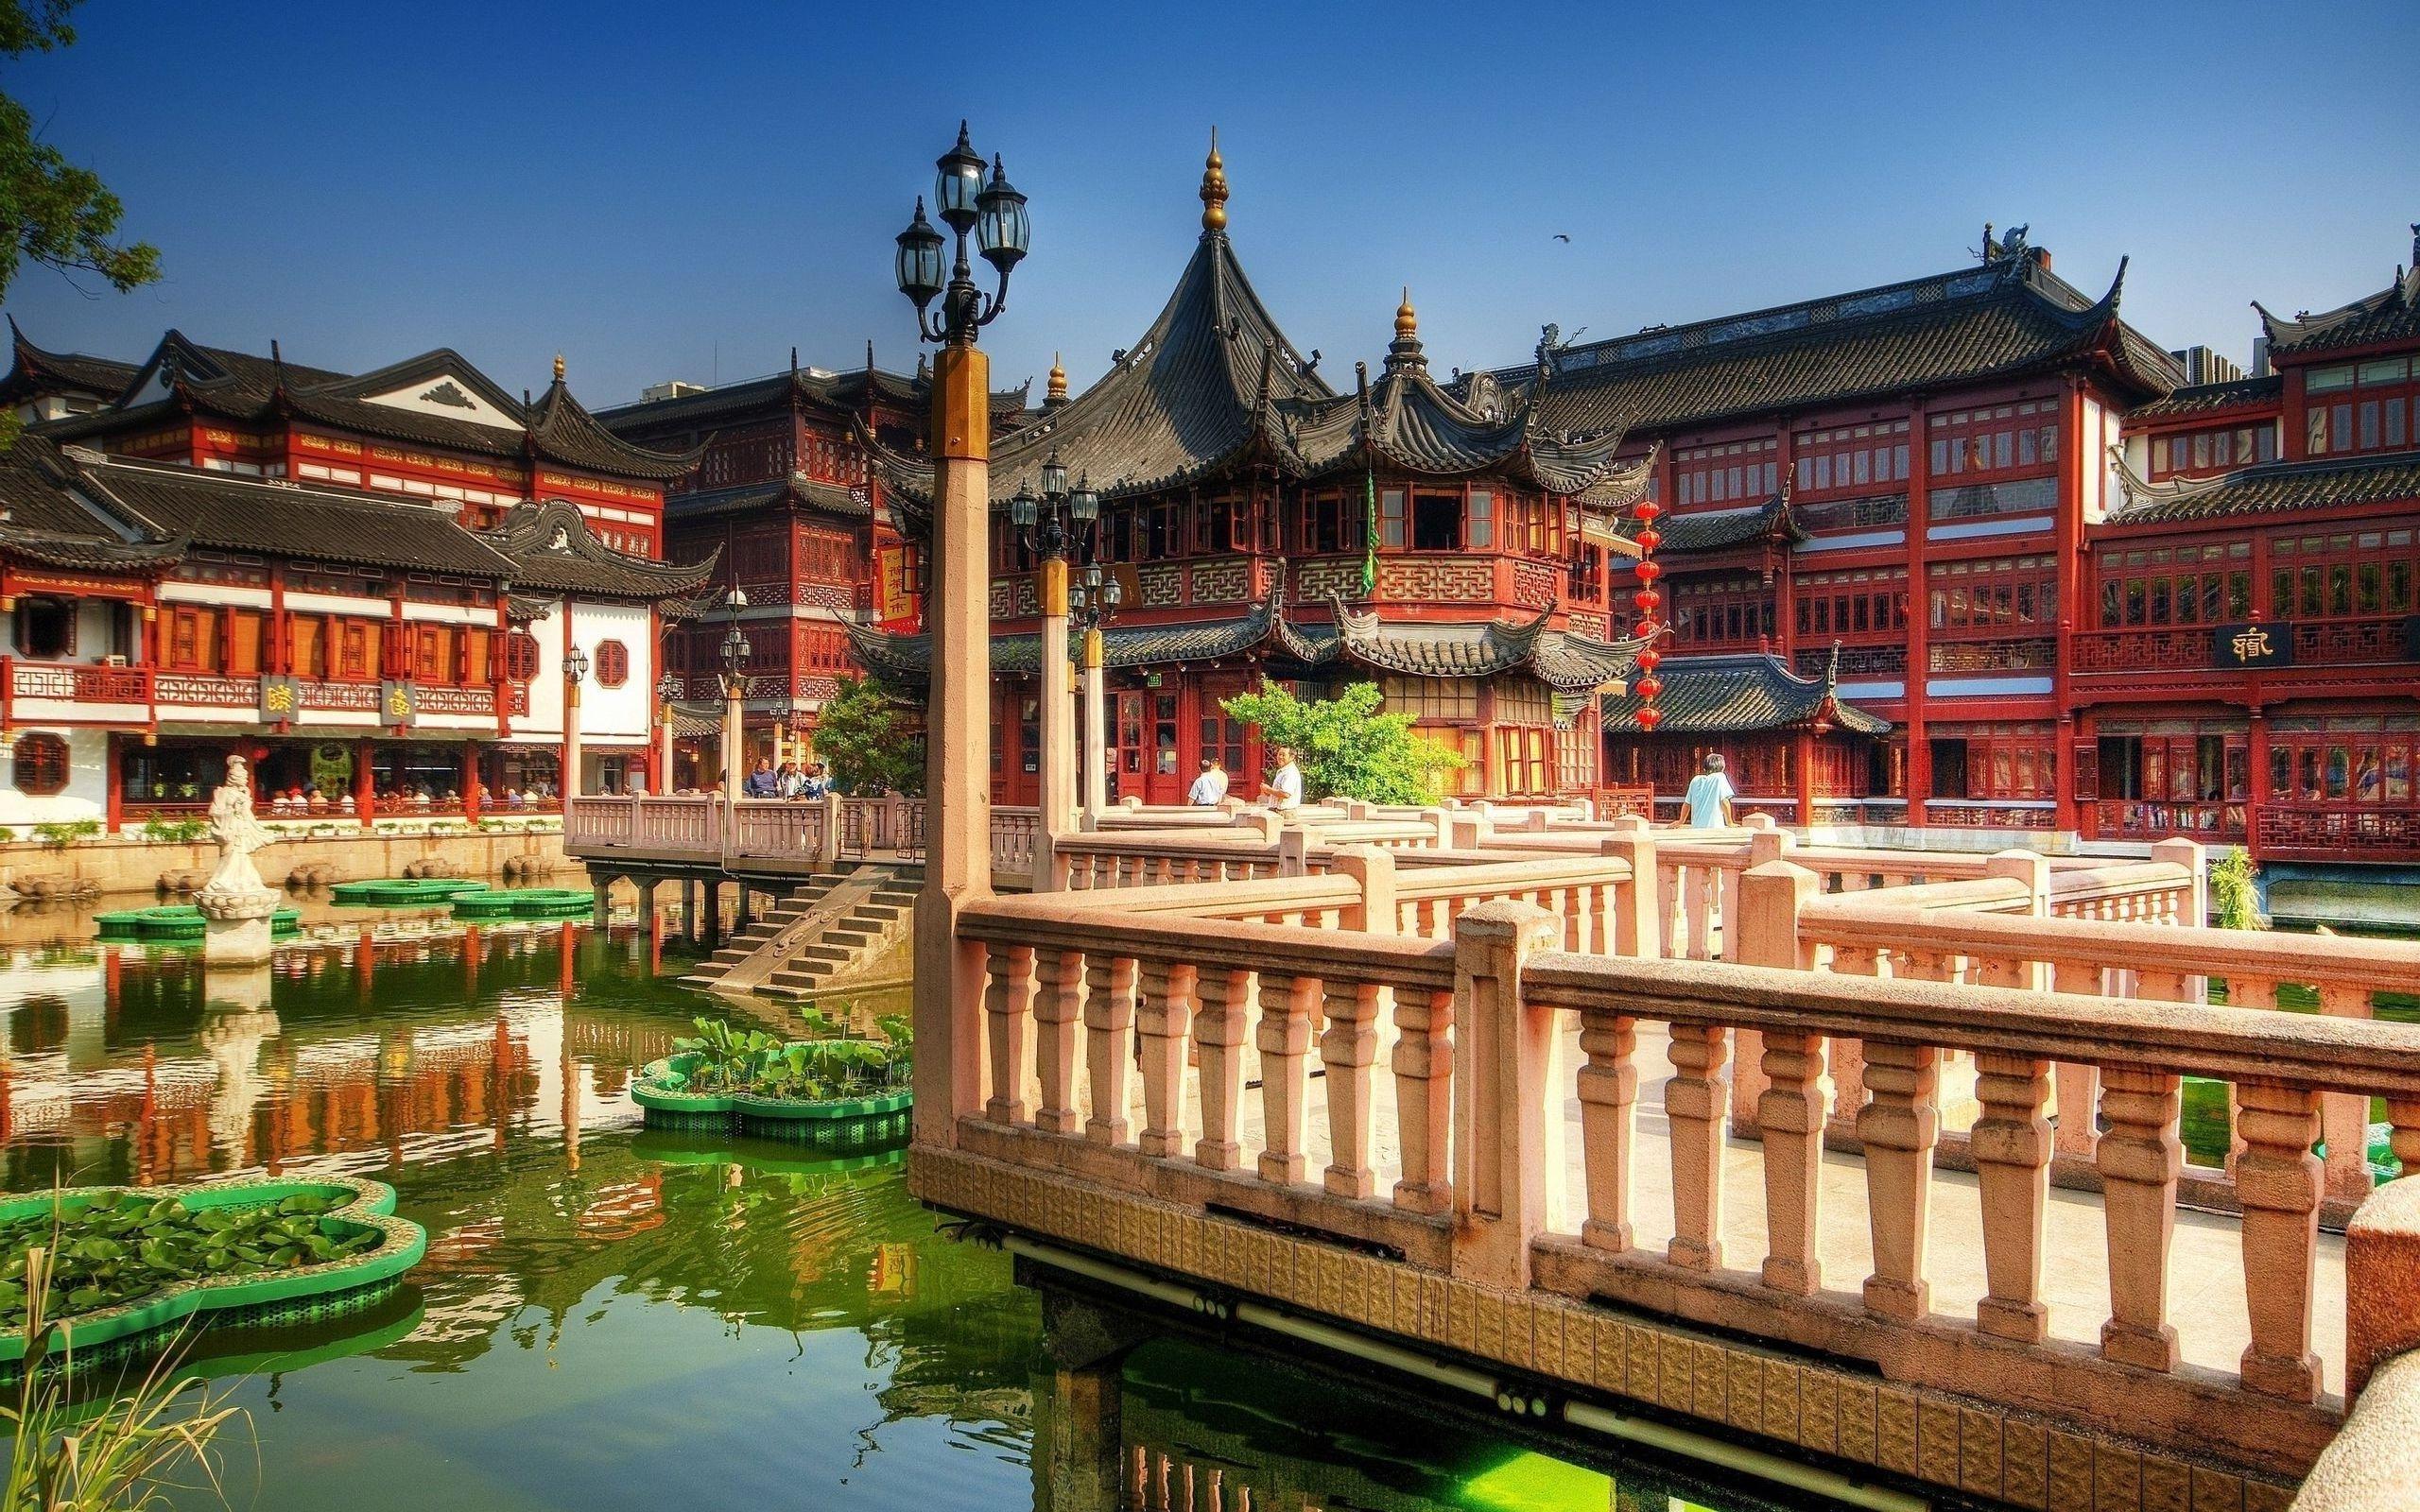 Картинки по запросу Yu Garden shanghai site:pinterest.com